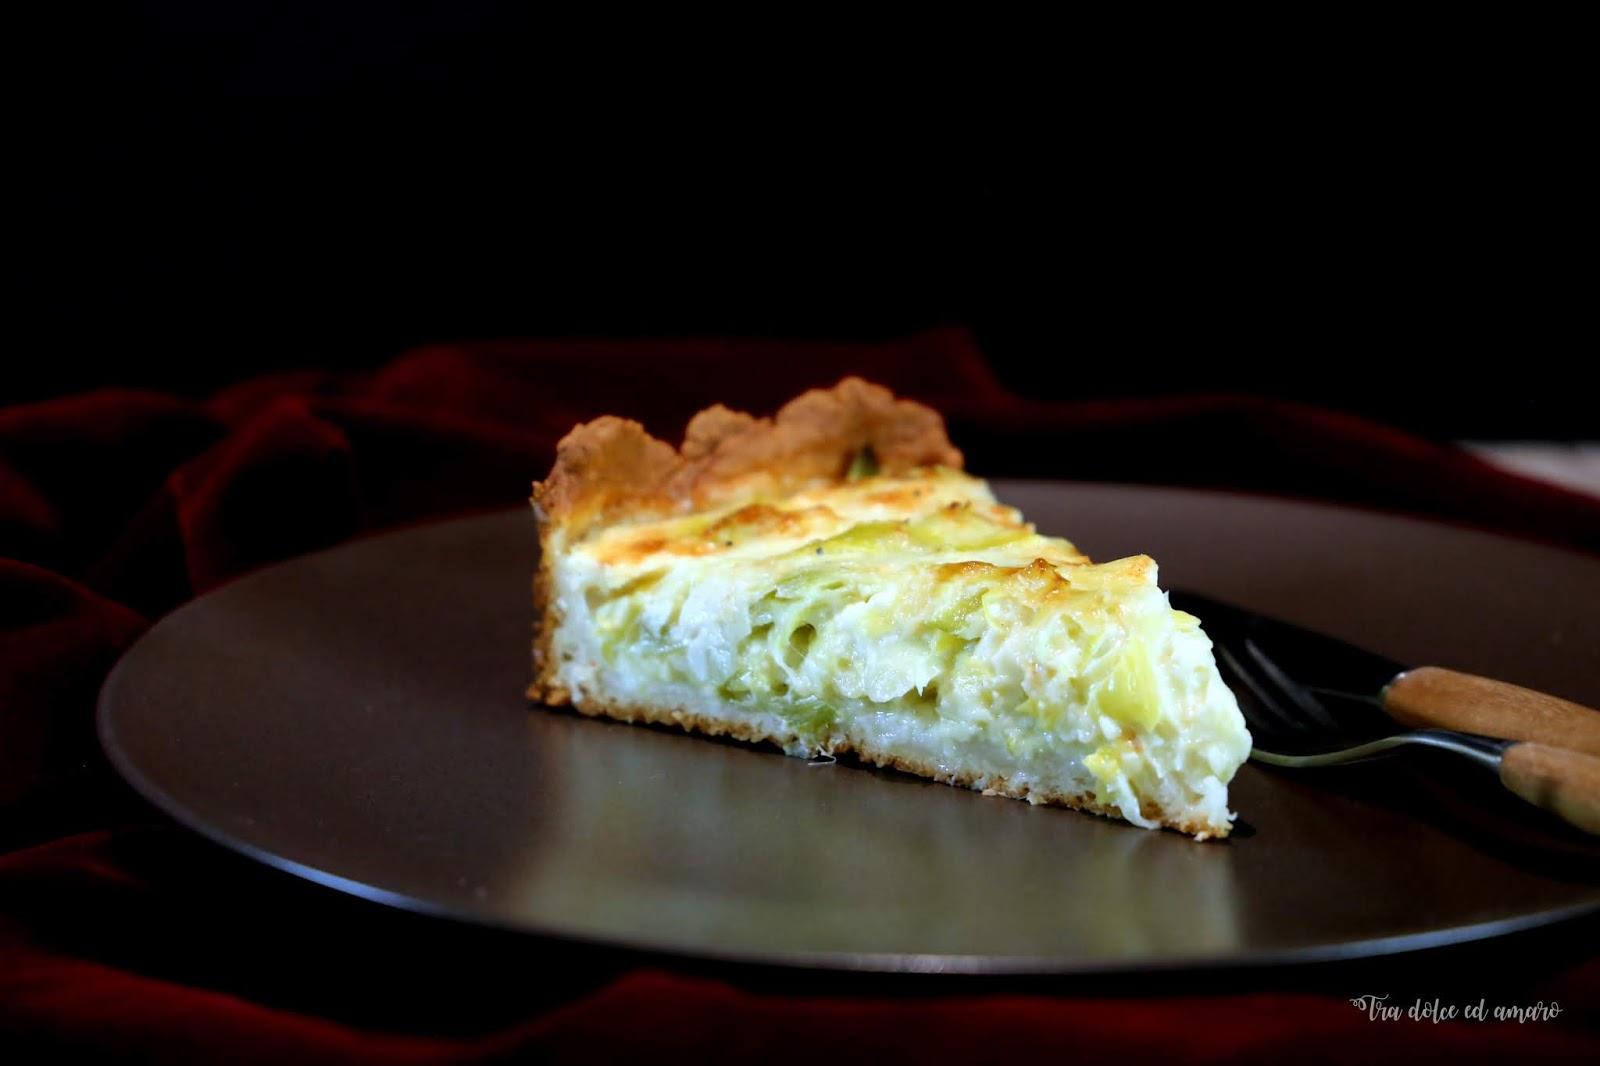 Amerikanischer Kühlschrank Quark : Tra dolce ed amaro: mit turboteig für ungeduldige: käse lauch quiche